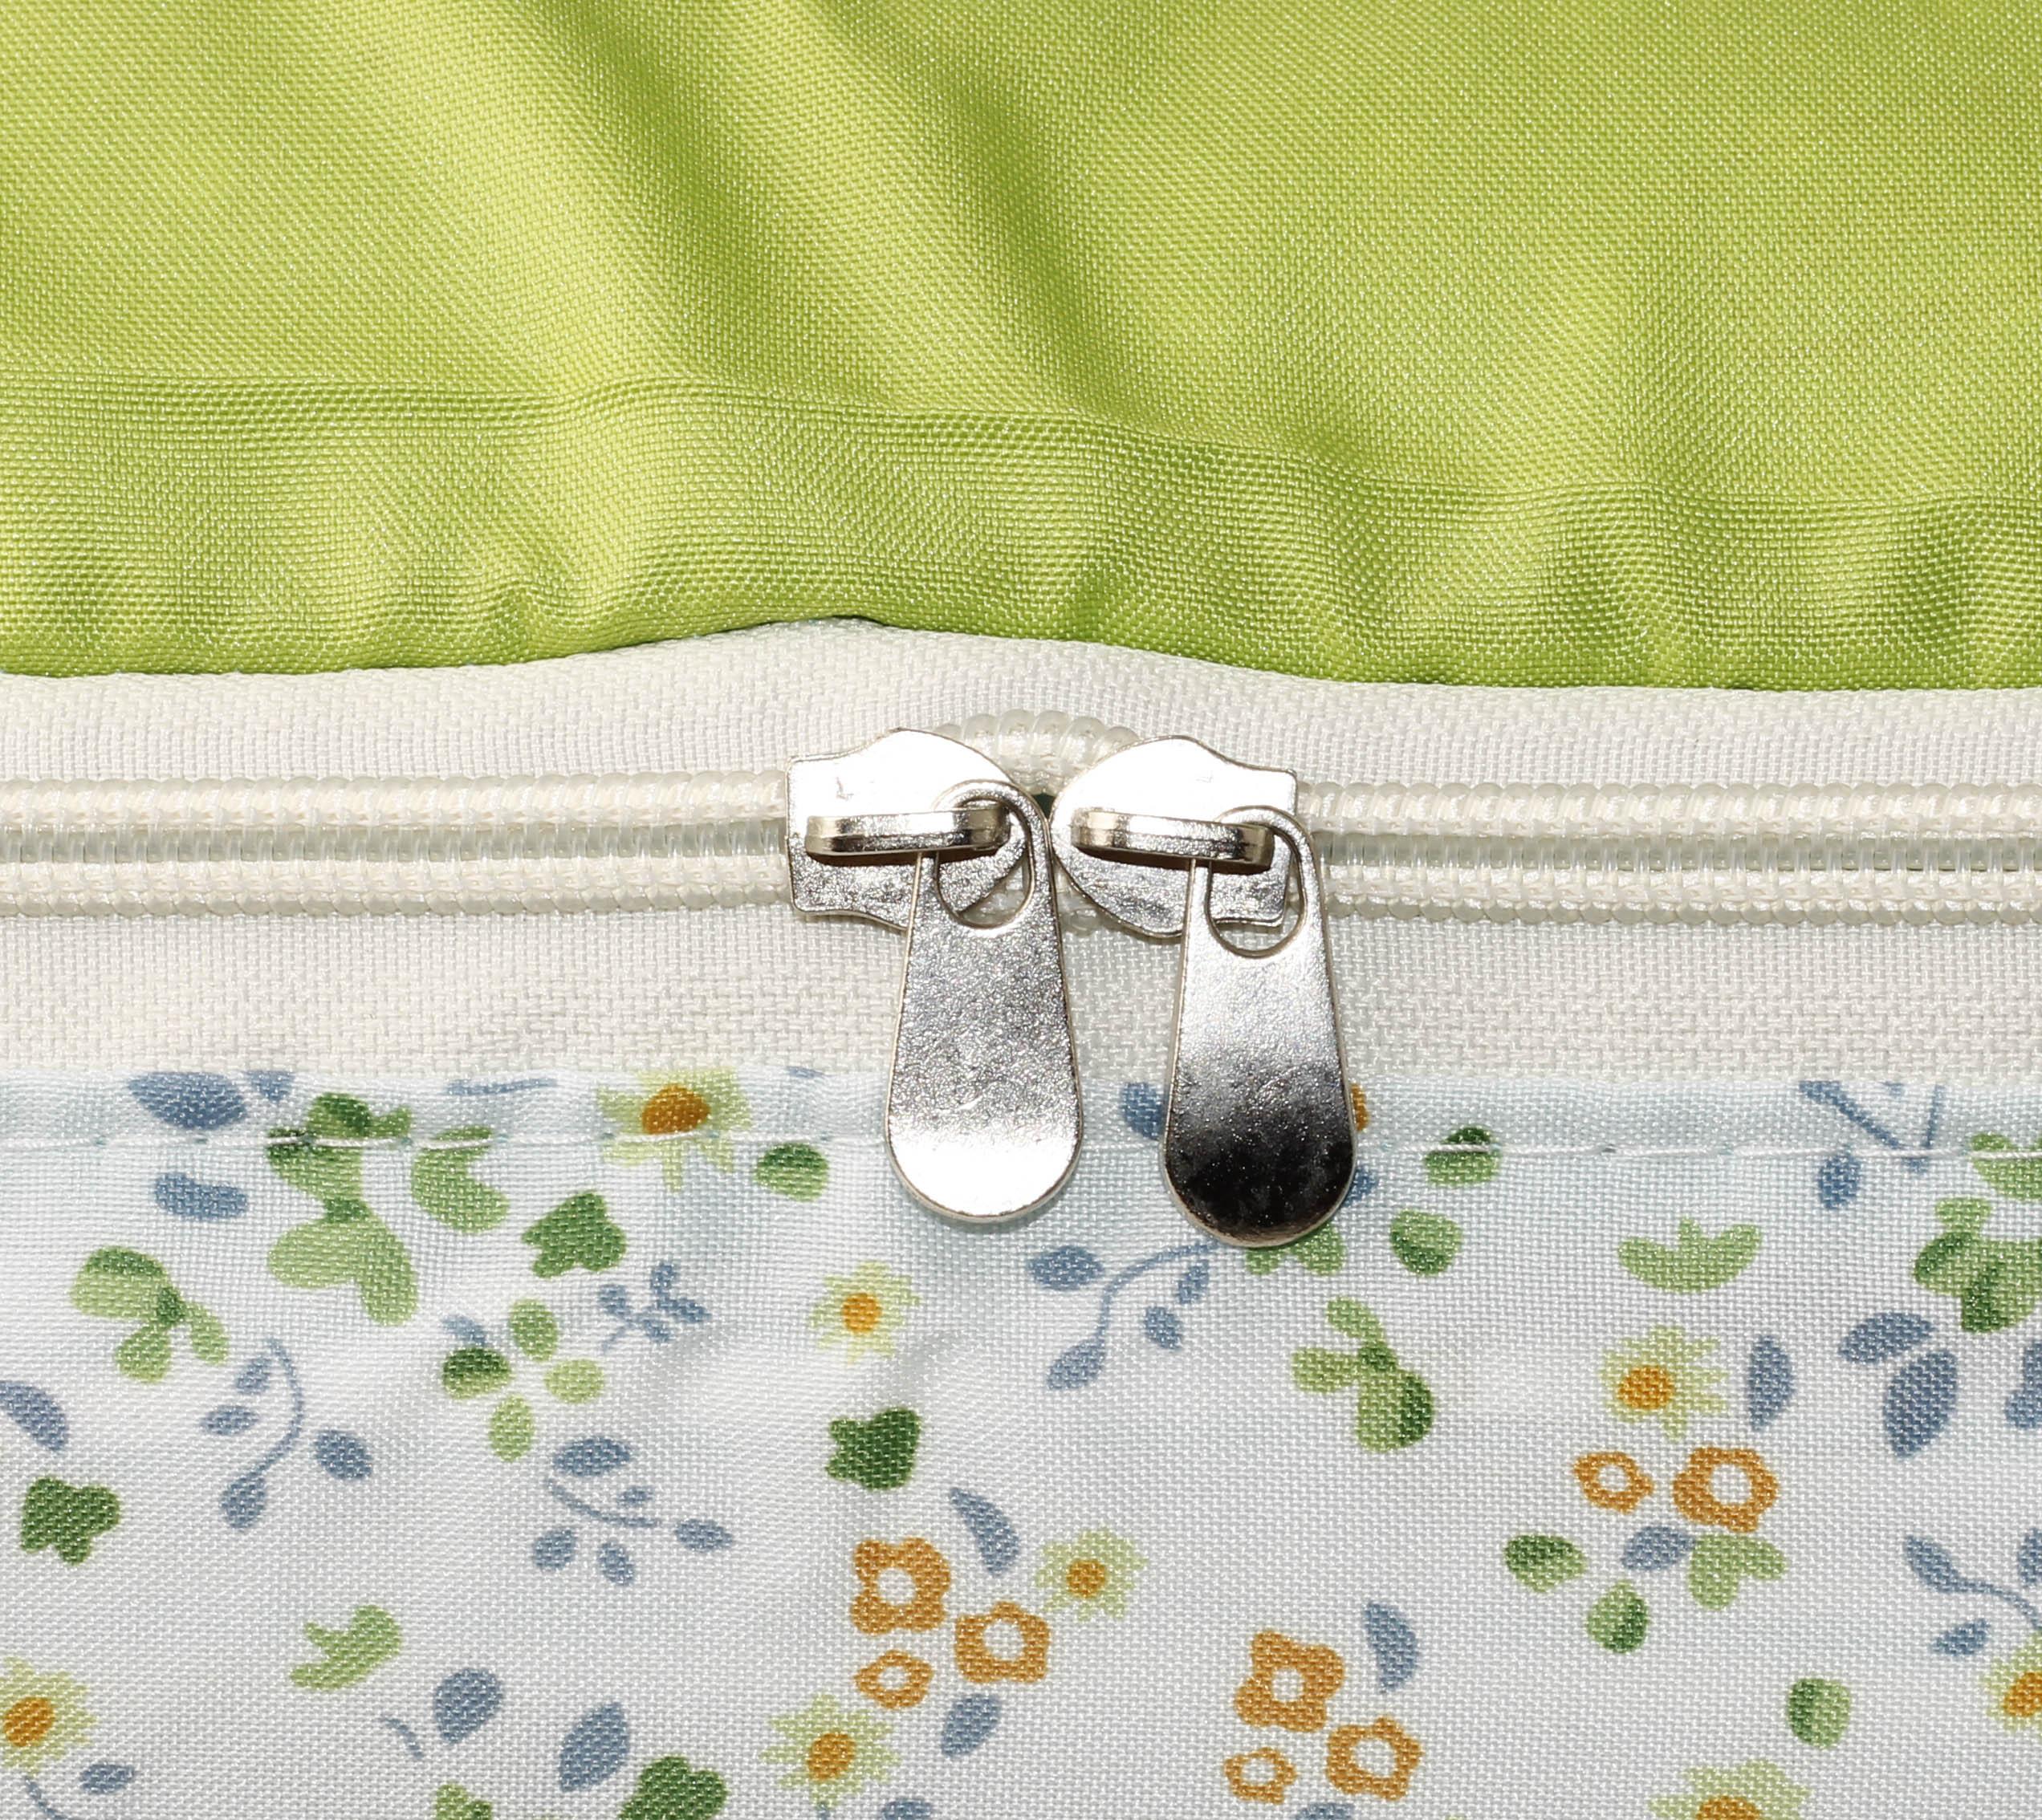 宅美衣服收纳袋 整理袋幼儿园被子收纳袋 单层 棉被整理袋 可水洗